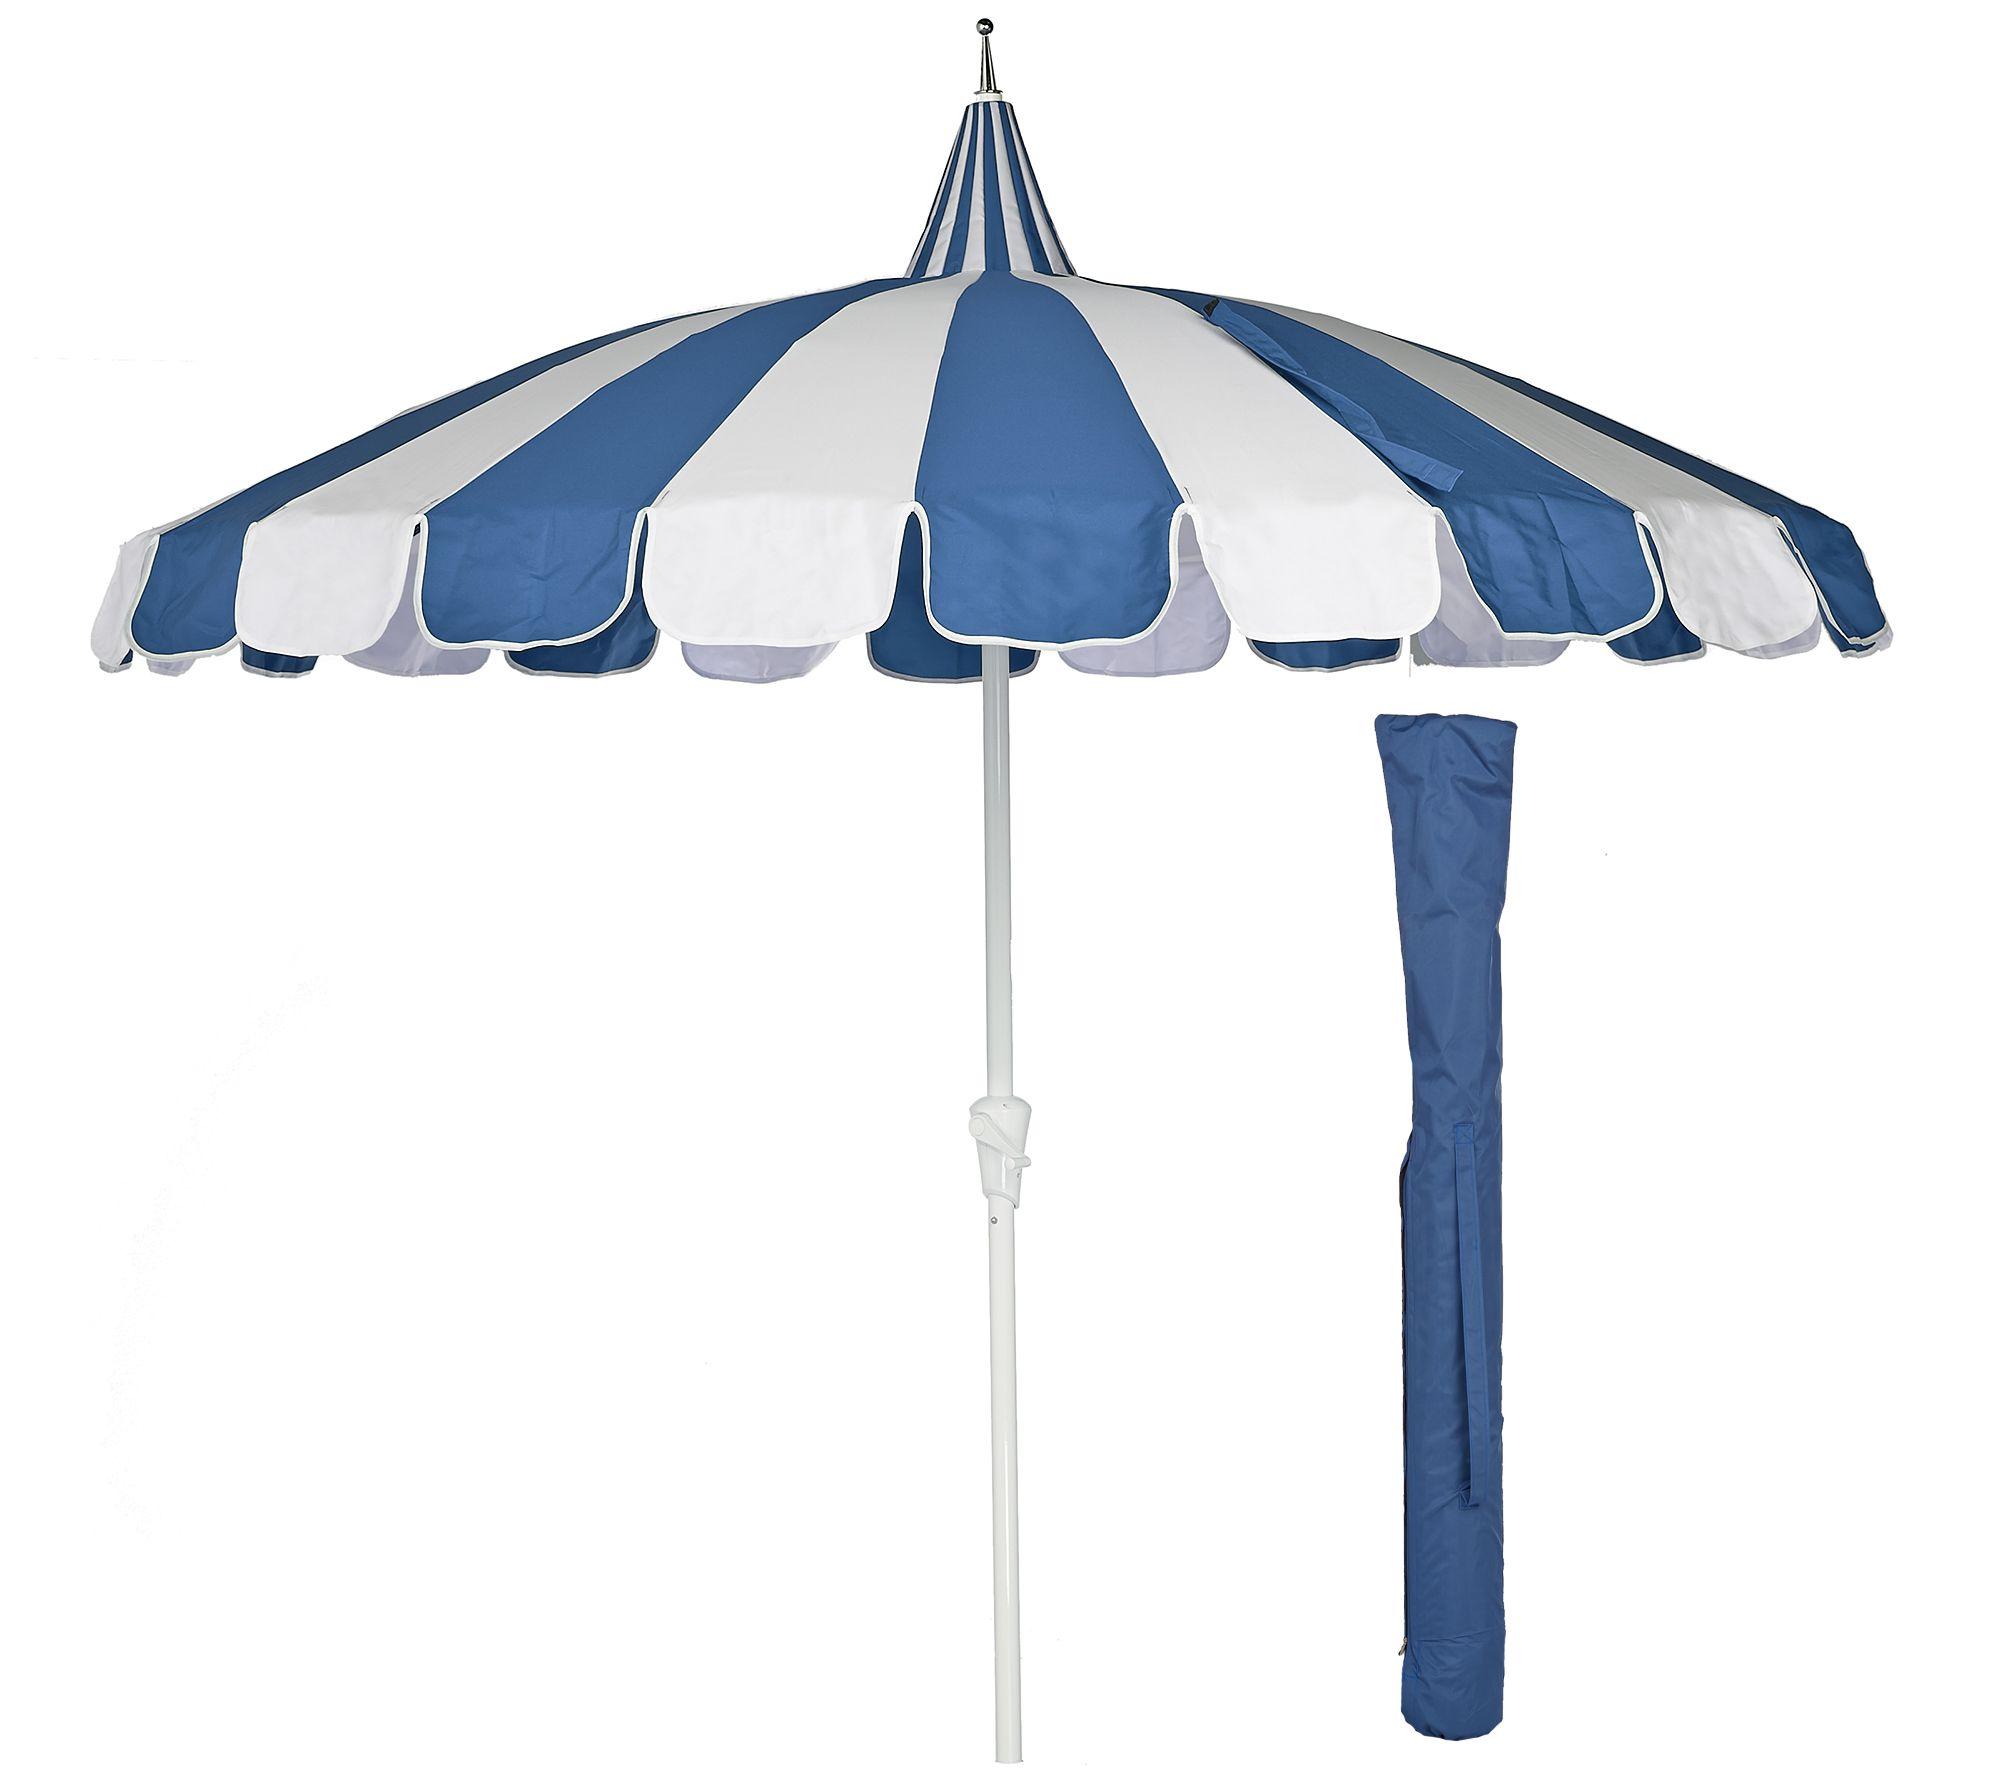 Good ED On Air 8u0027 Pagoda Umbrella W/ Cover By Ellen DeGeneres   Page 1 U2014 QVC.com